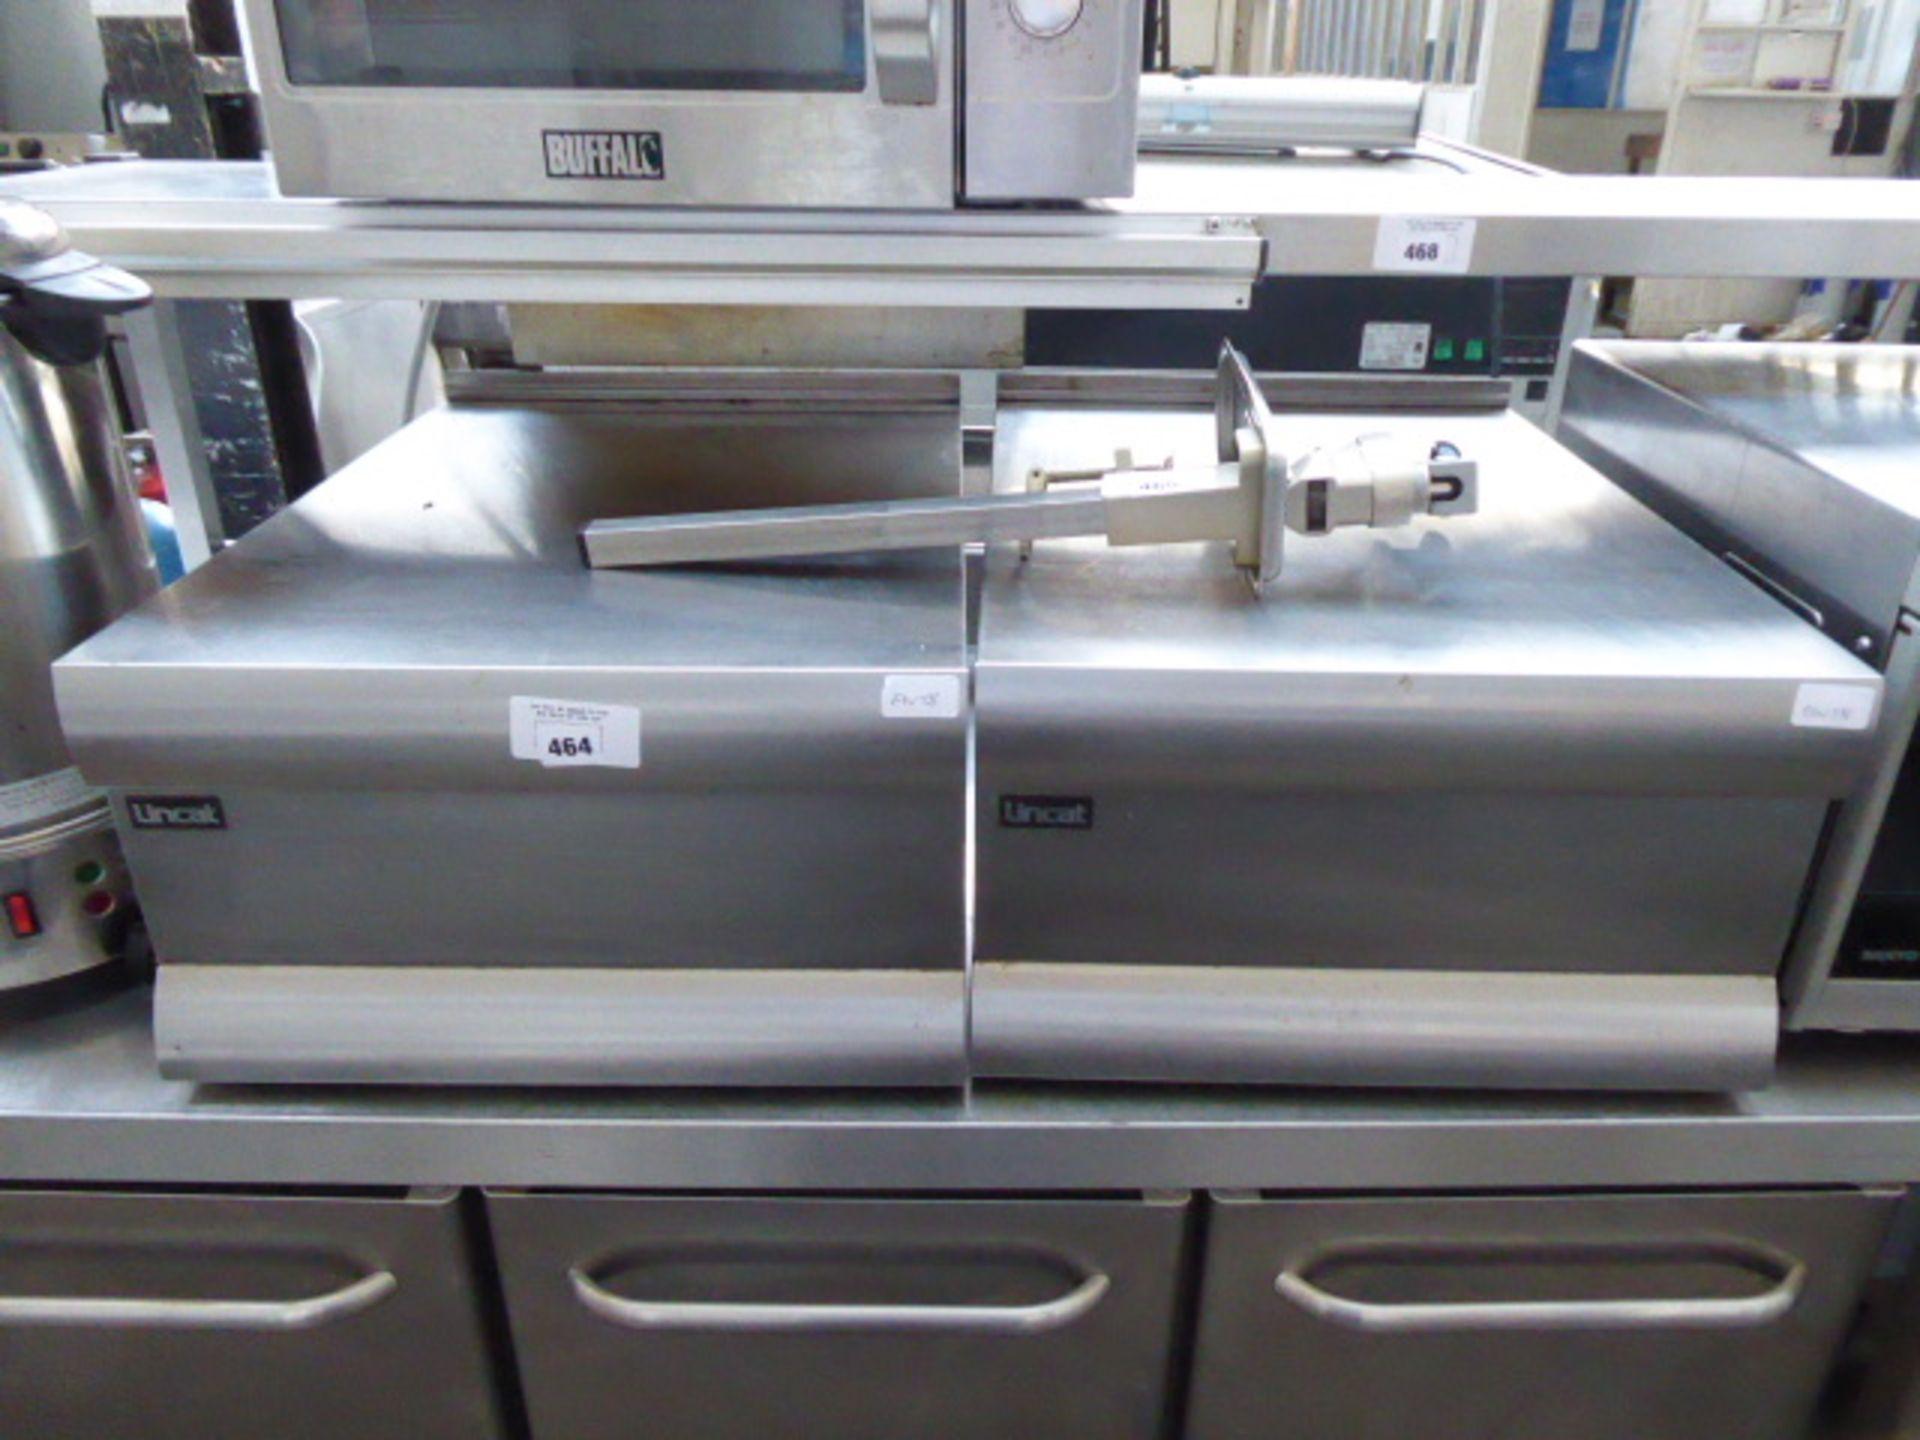 2x 44cm Lincat Ambient surfaces